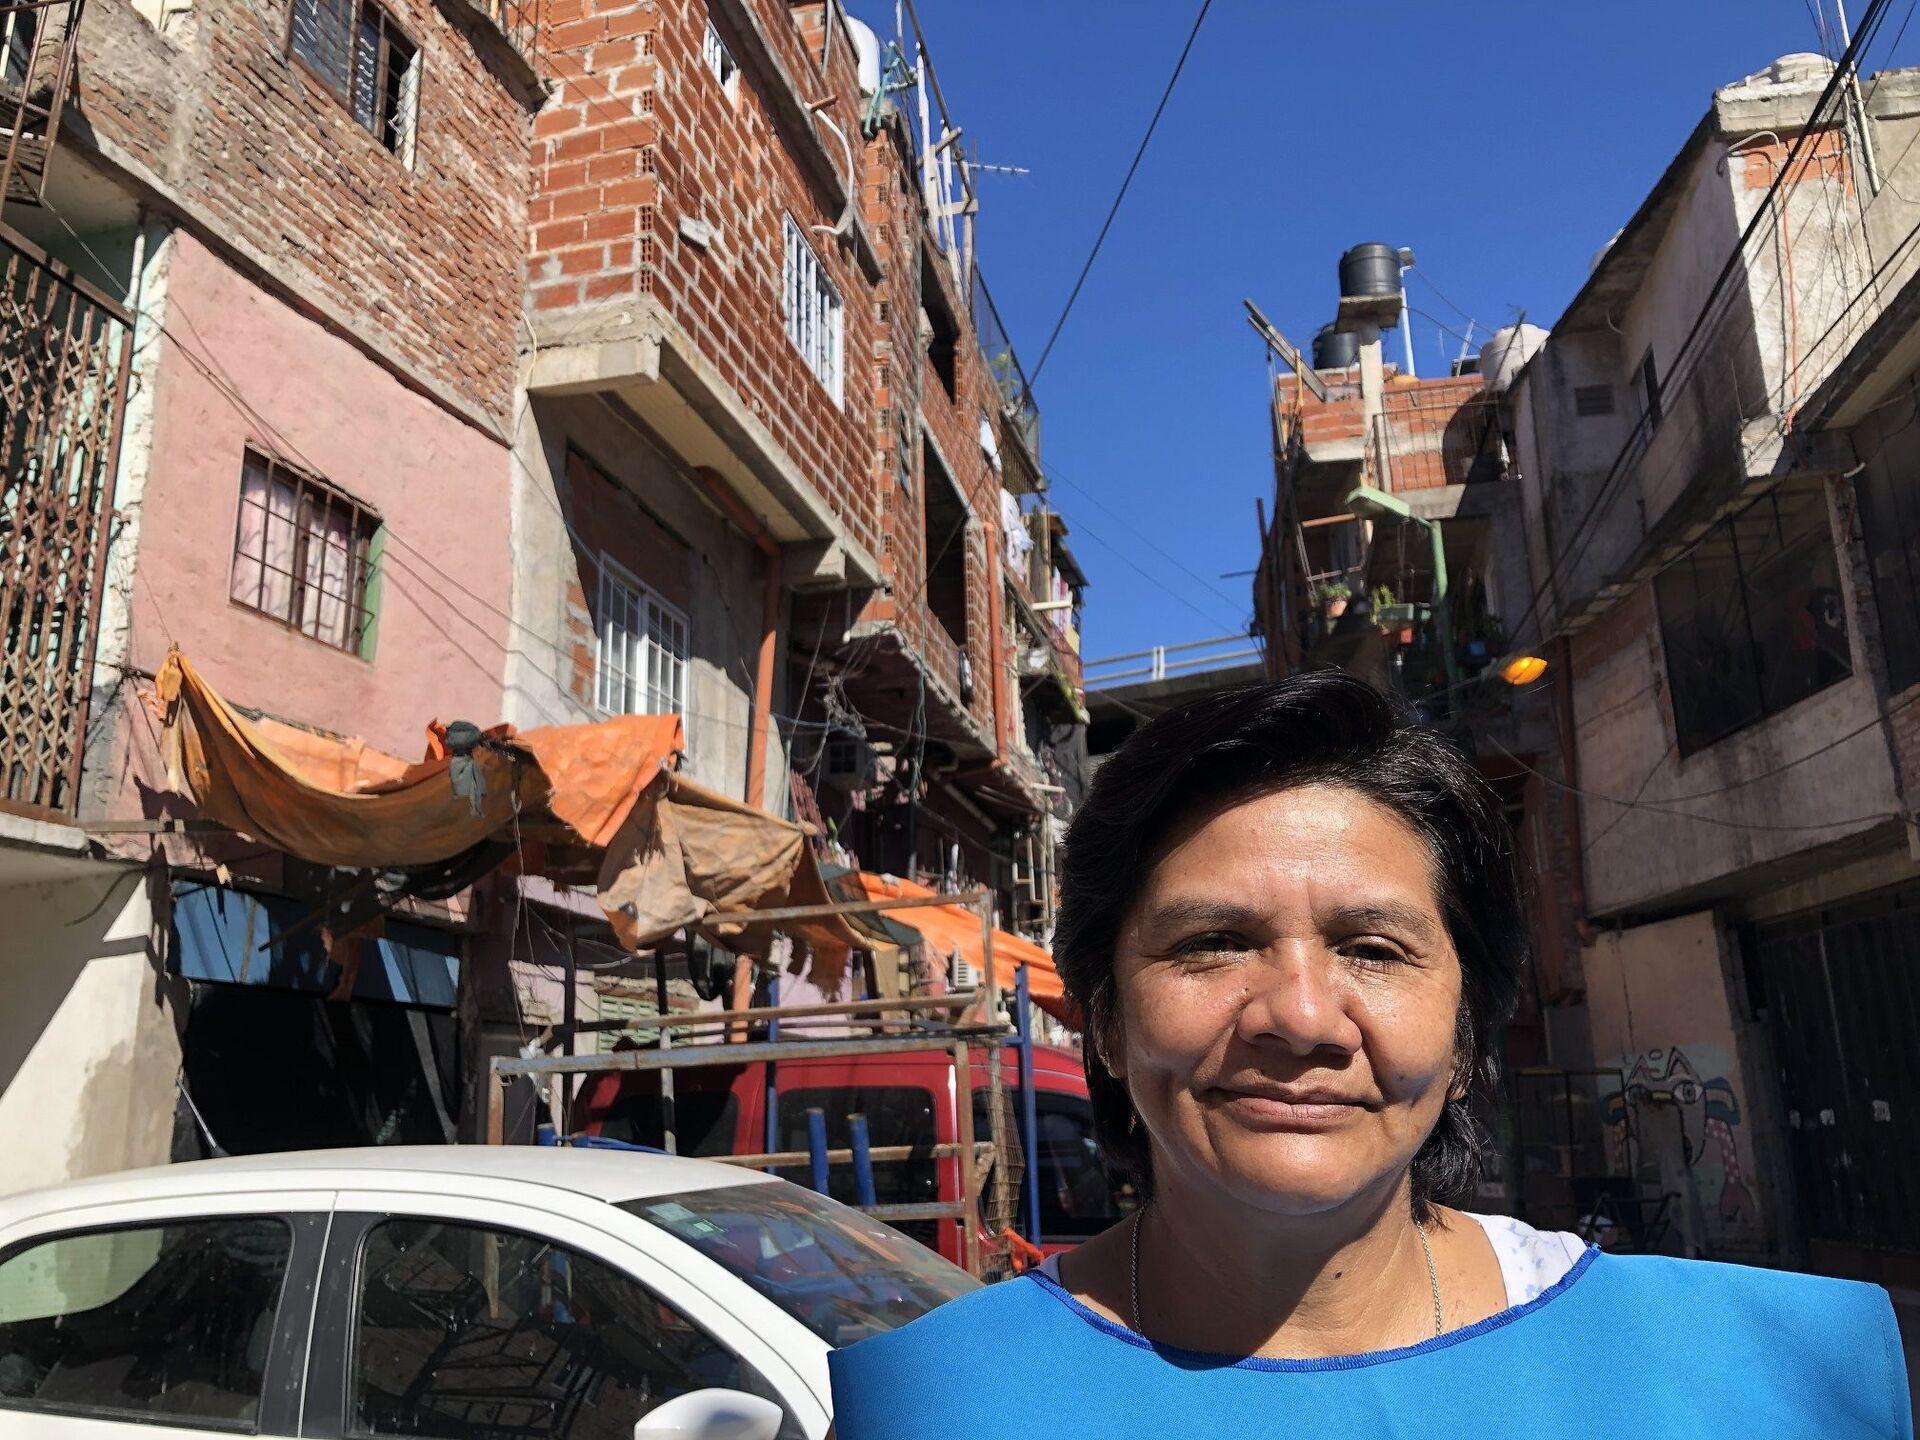 Miriam Suárez, coordina un comedor popular en su casa en el barrio, donde vive hace 15 años - Sputnik Mundo, 1920, 07.10.2021